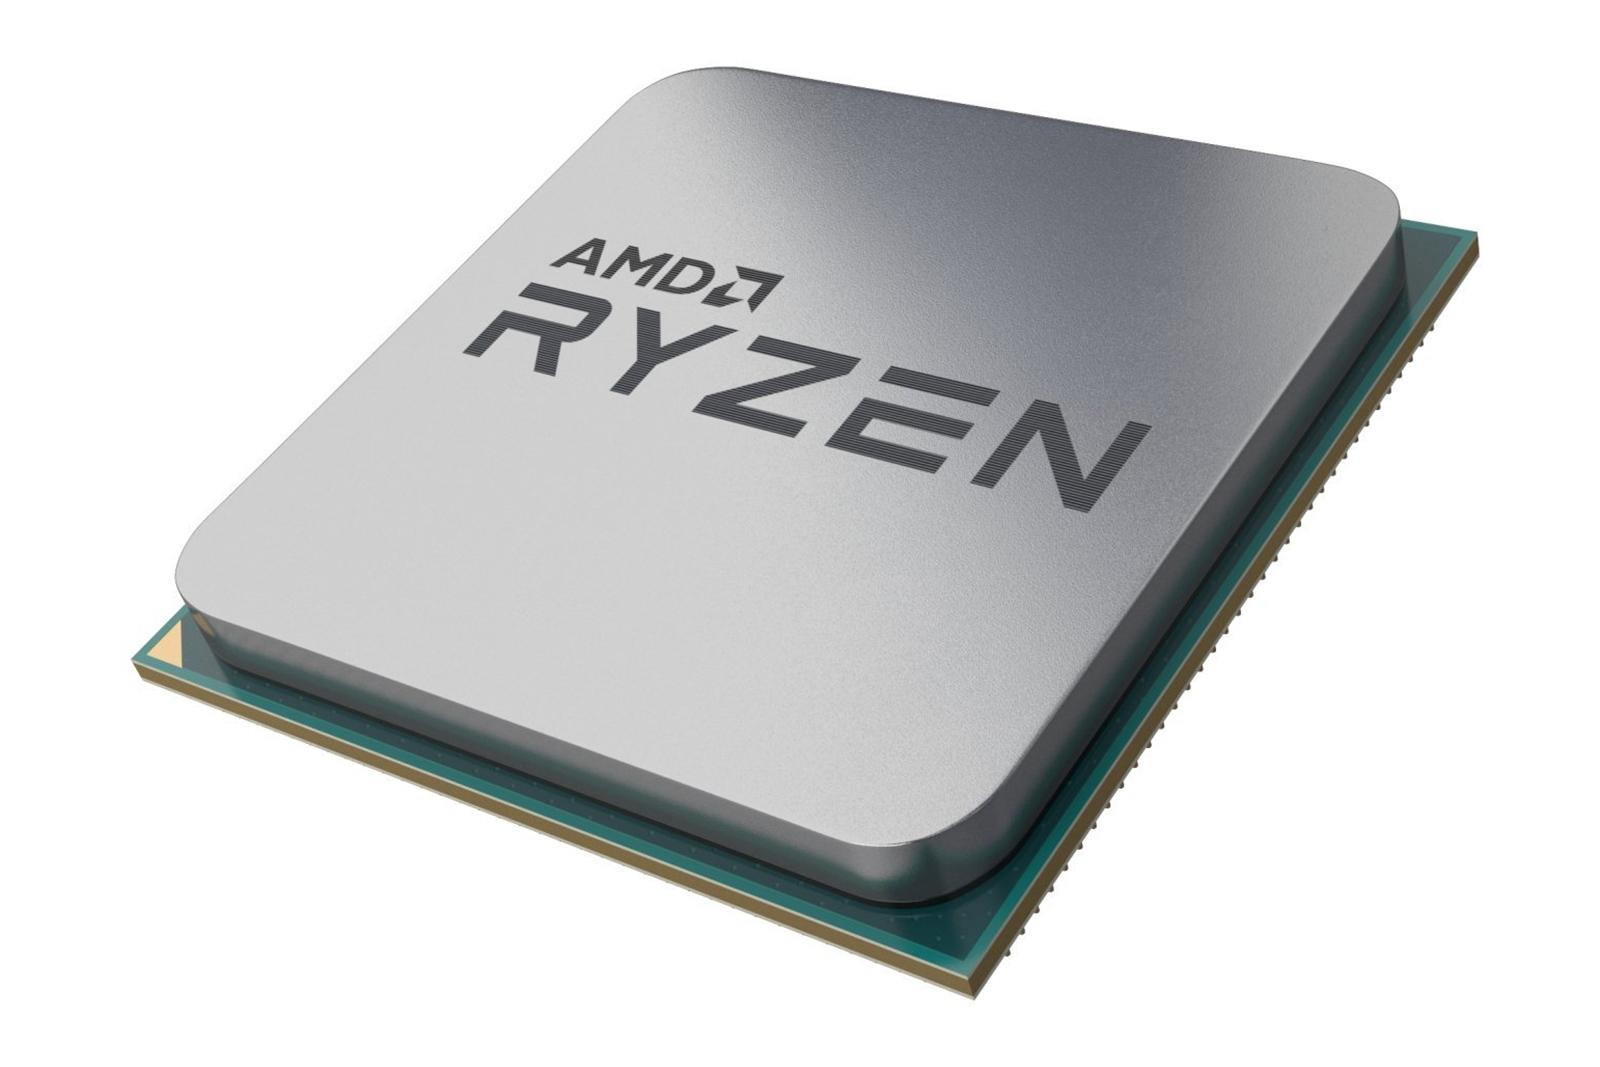 AMD RYZEN 5 1600 6-Core 3.2 GHz ocket AM4 CPU Processors